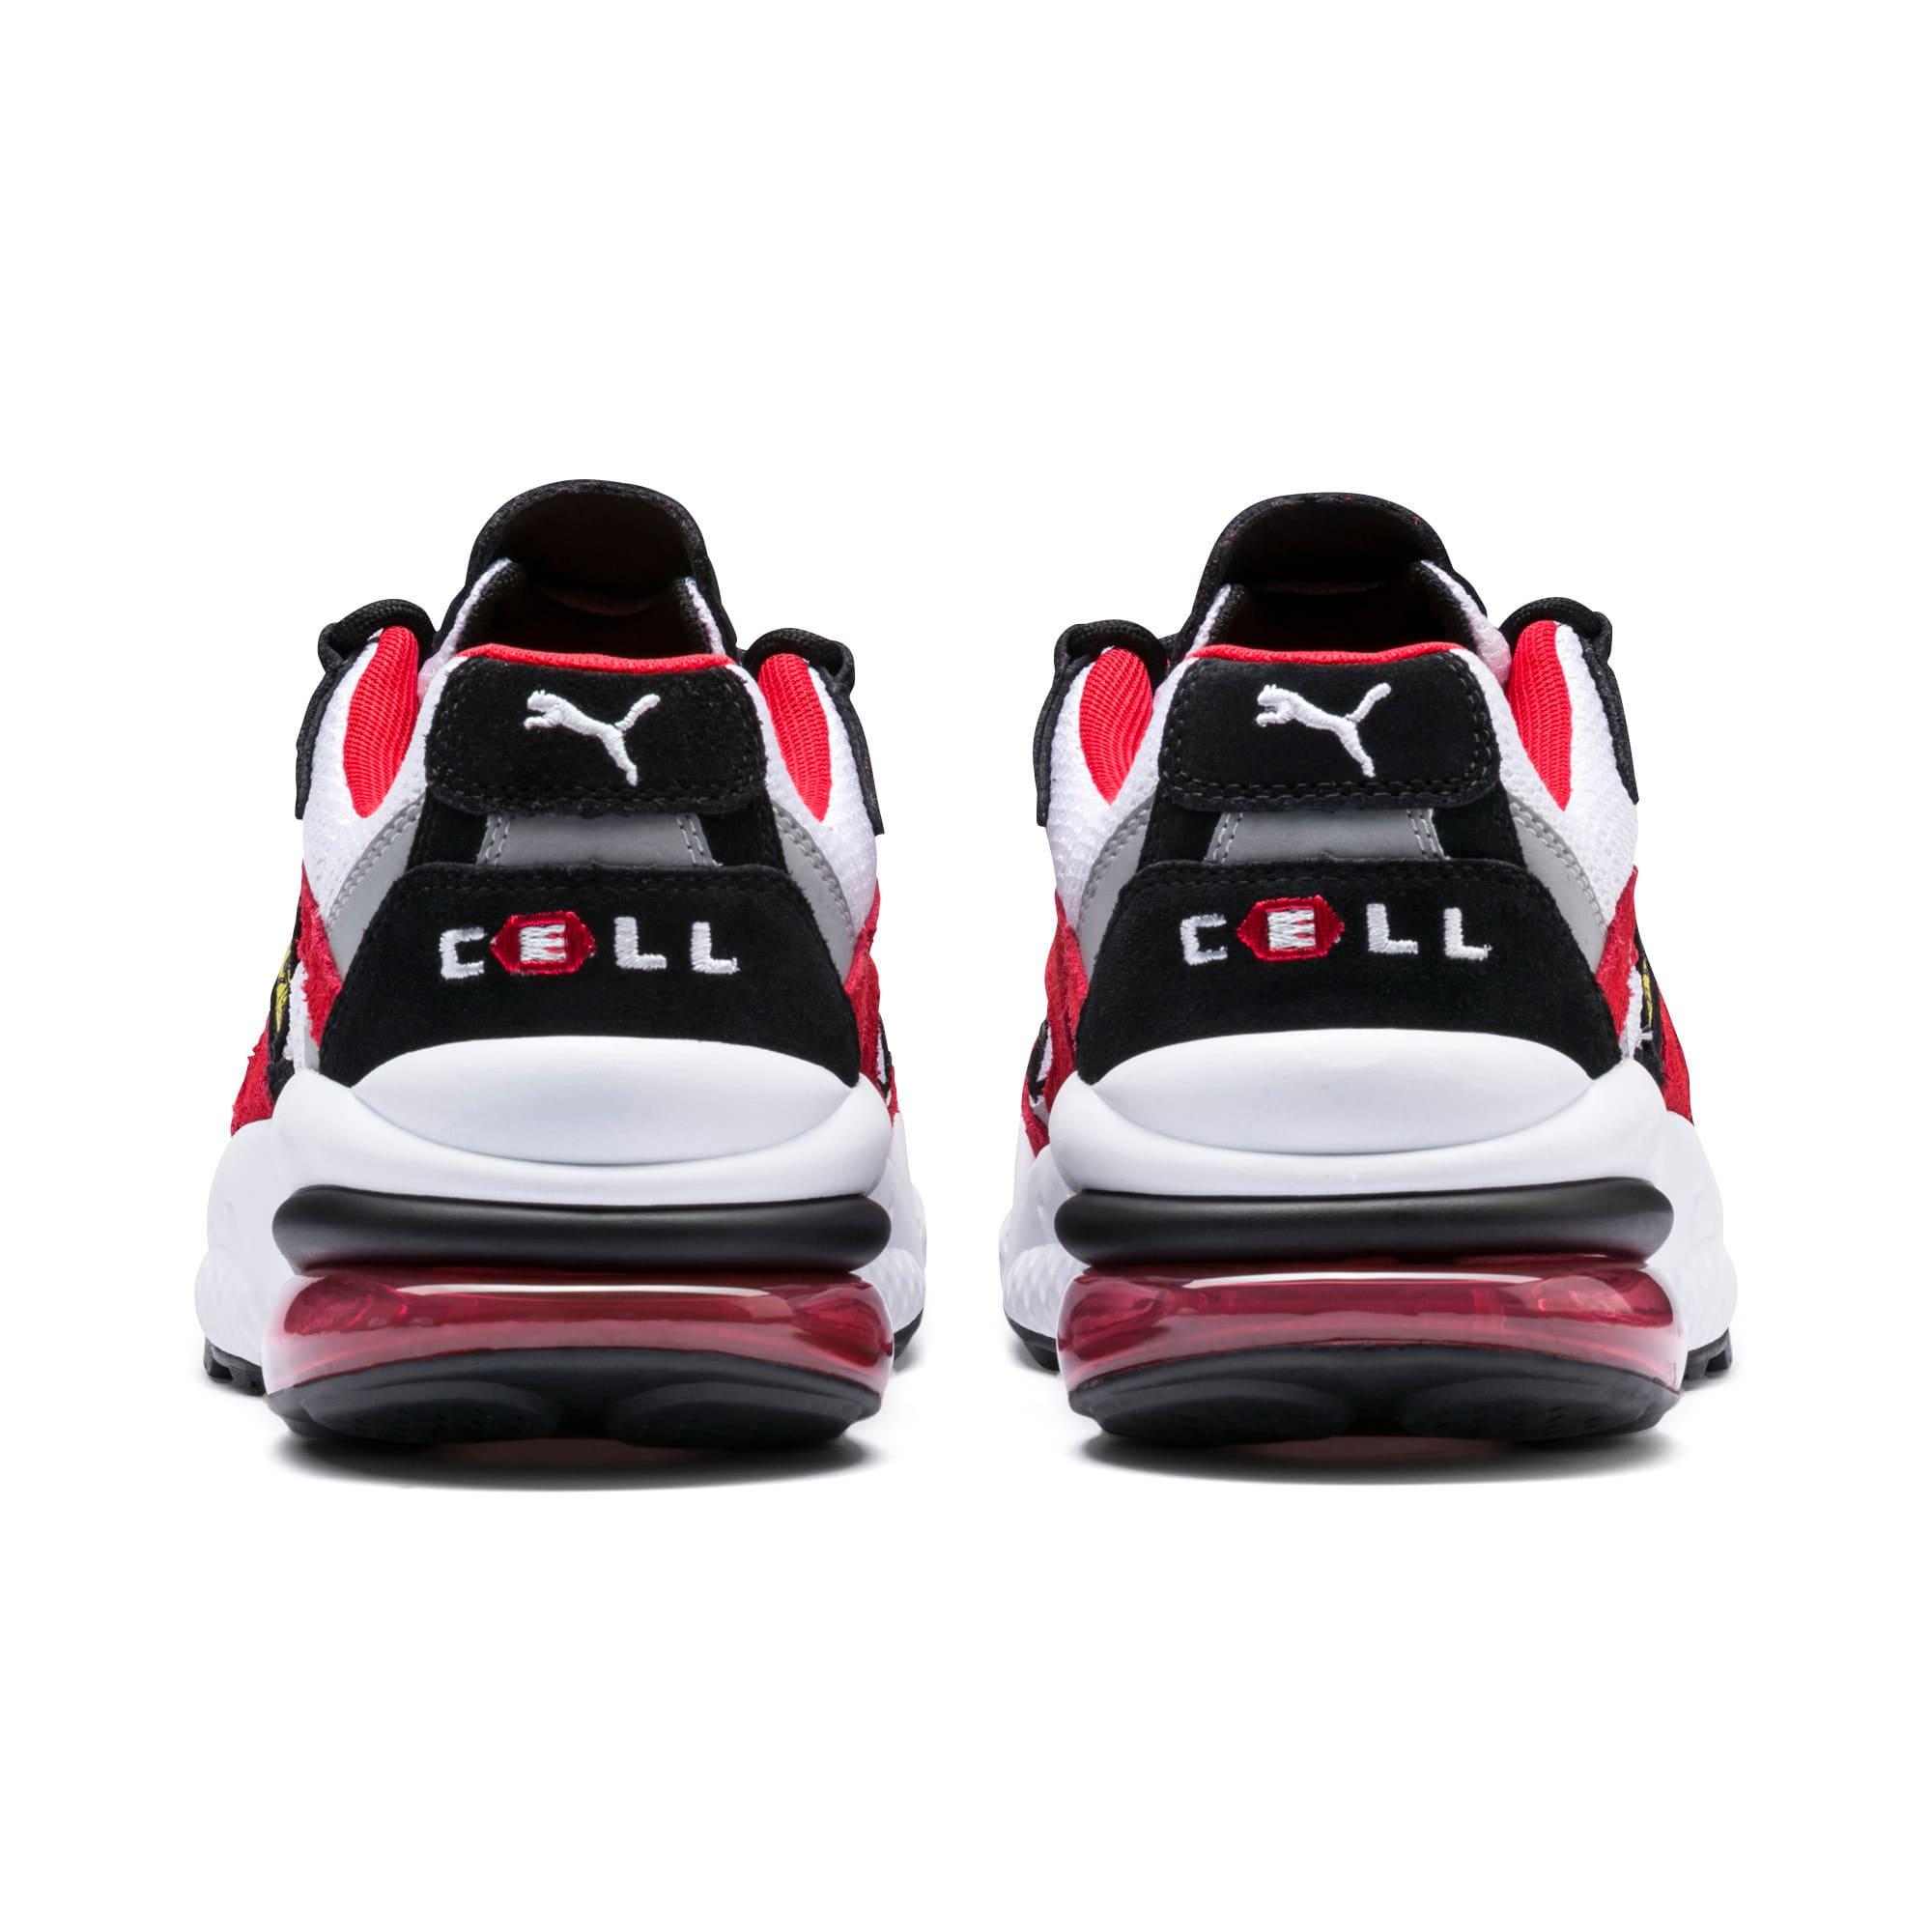 Thumbnail 3 of Scuderia Ferrari CELL Venom Sneakers, Puma White-Rosso Corsa, medium